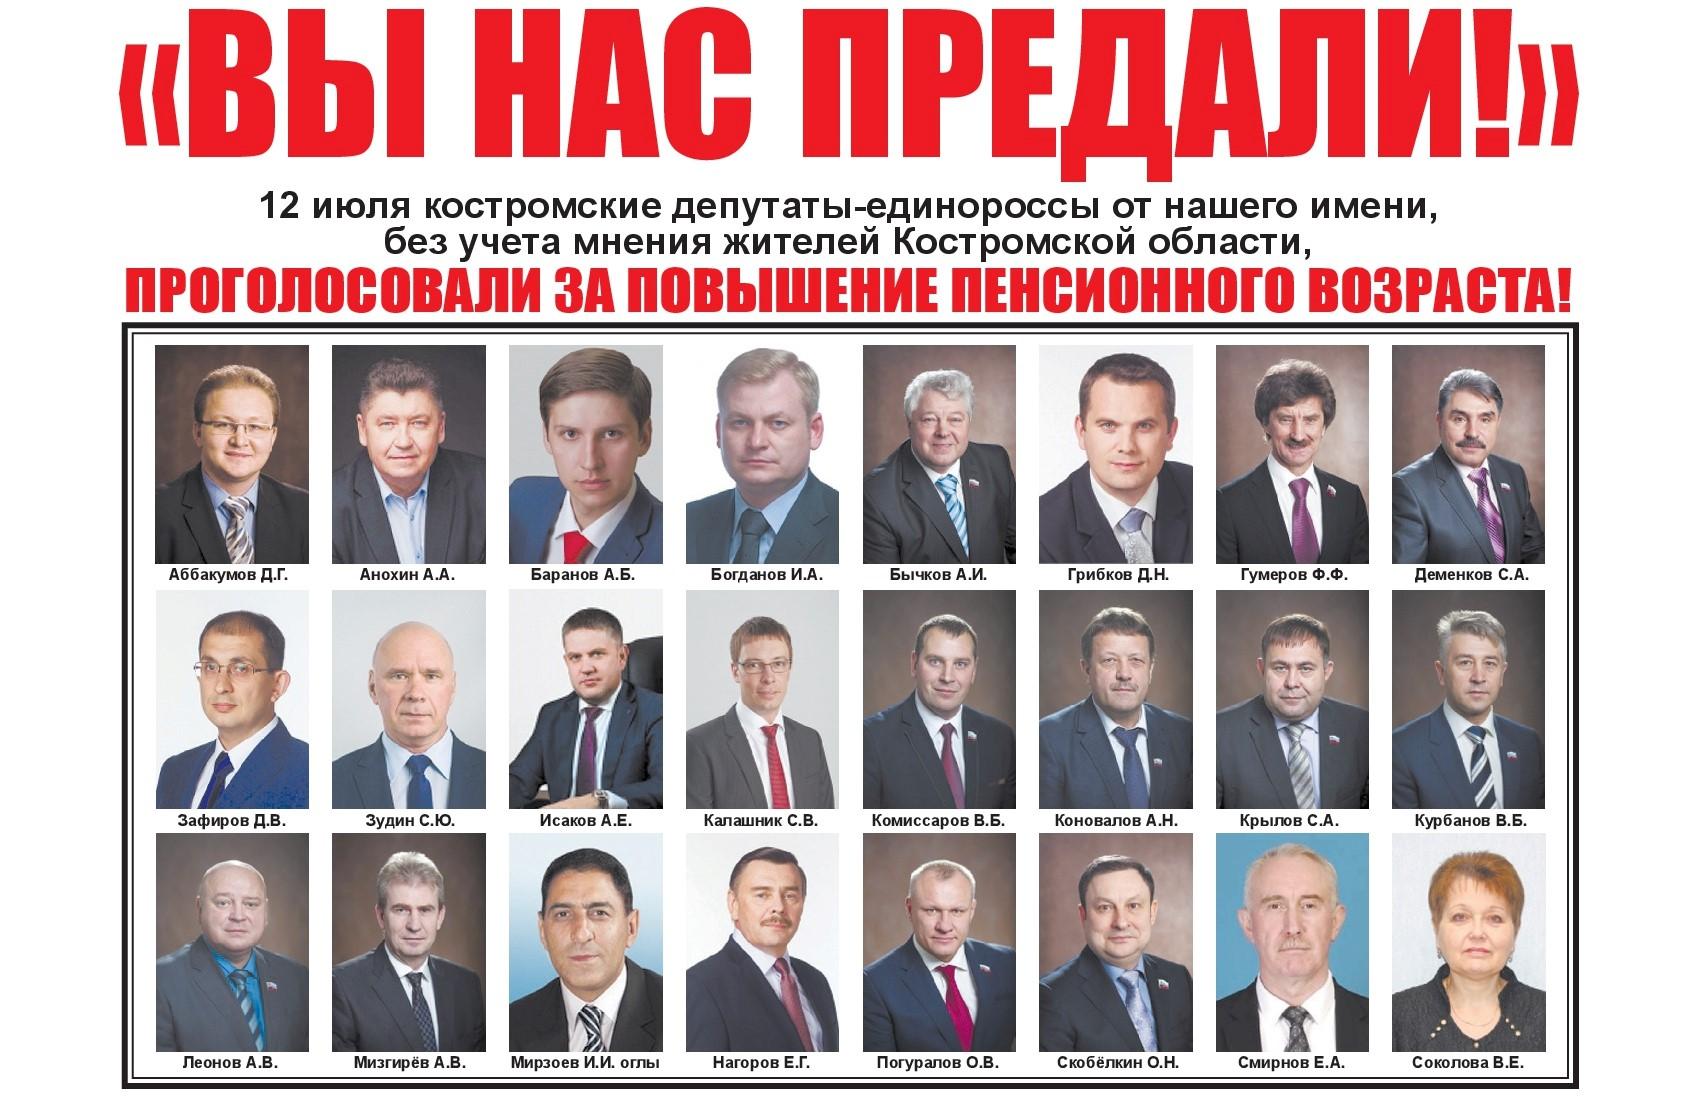 Депутаты Костромской областной Думы, проголосовавшие за повышение пенсионного возраста